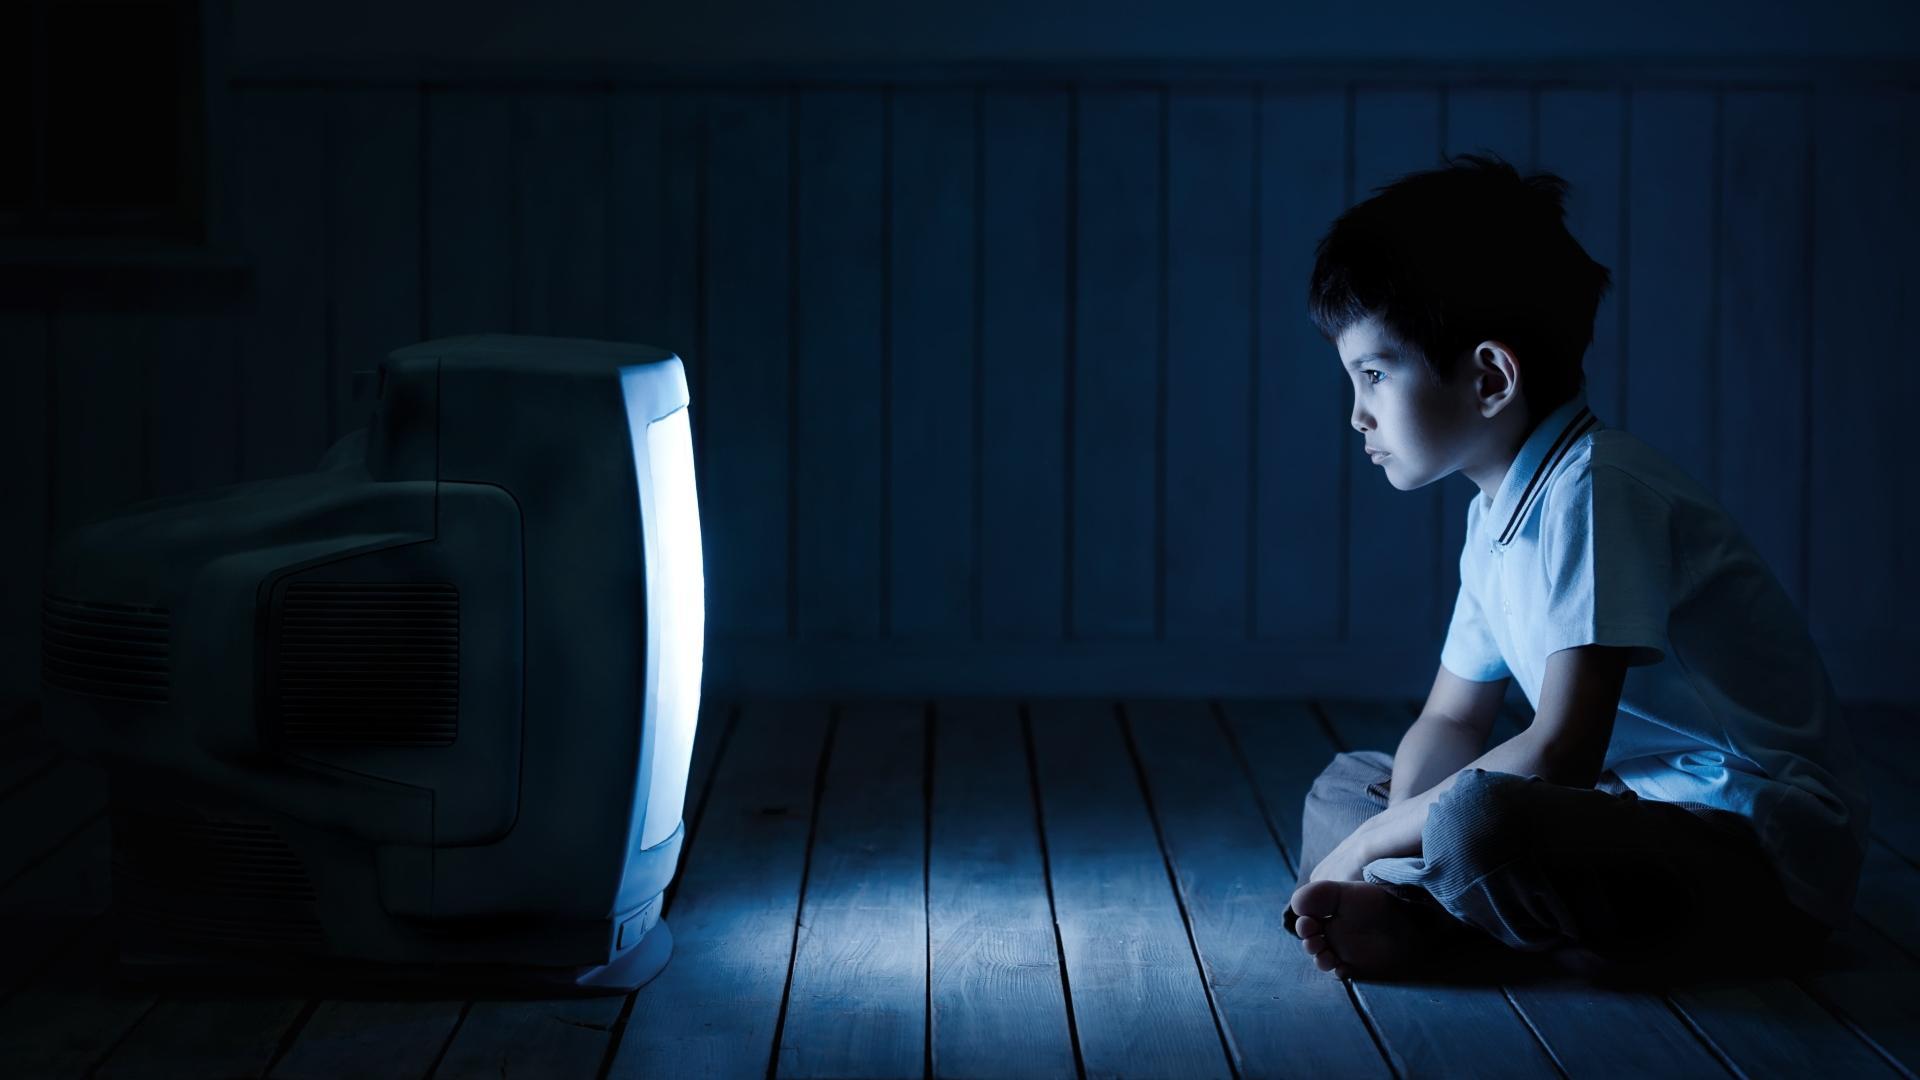 Время, проведенное перед экраном компьютера, не влияет на оценки детей